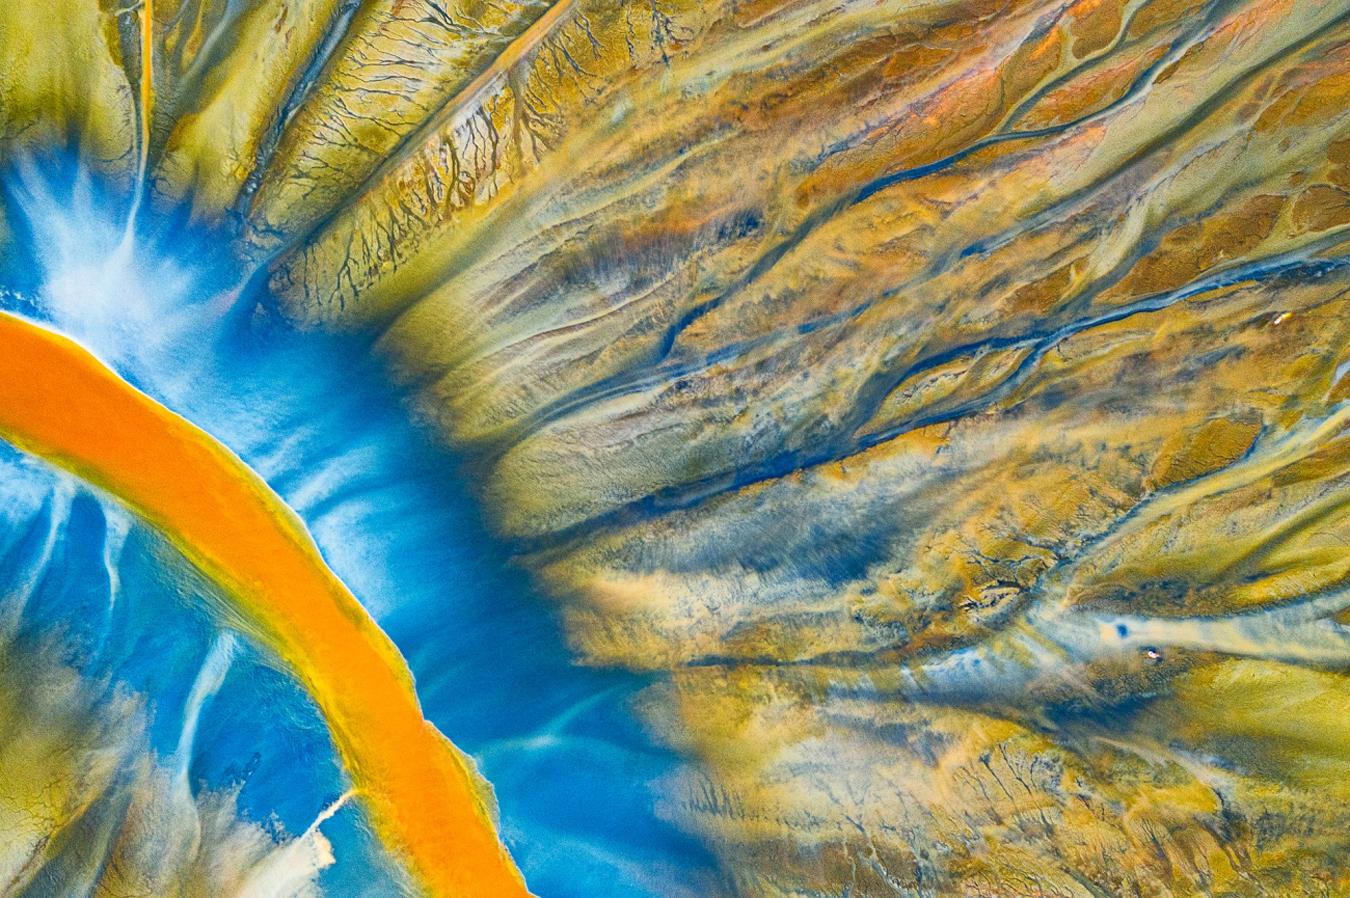 Fotos dron abstracta